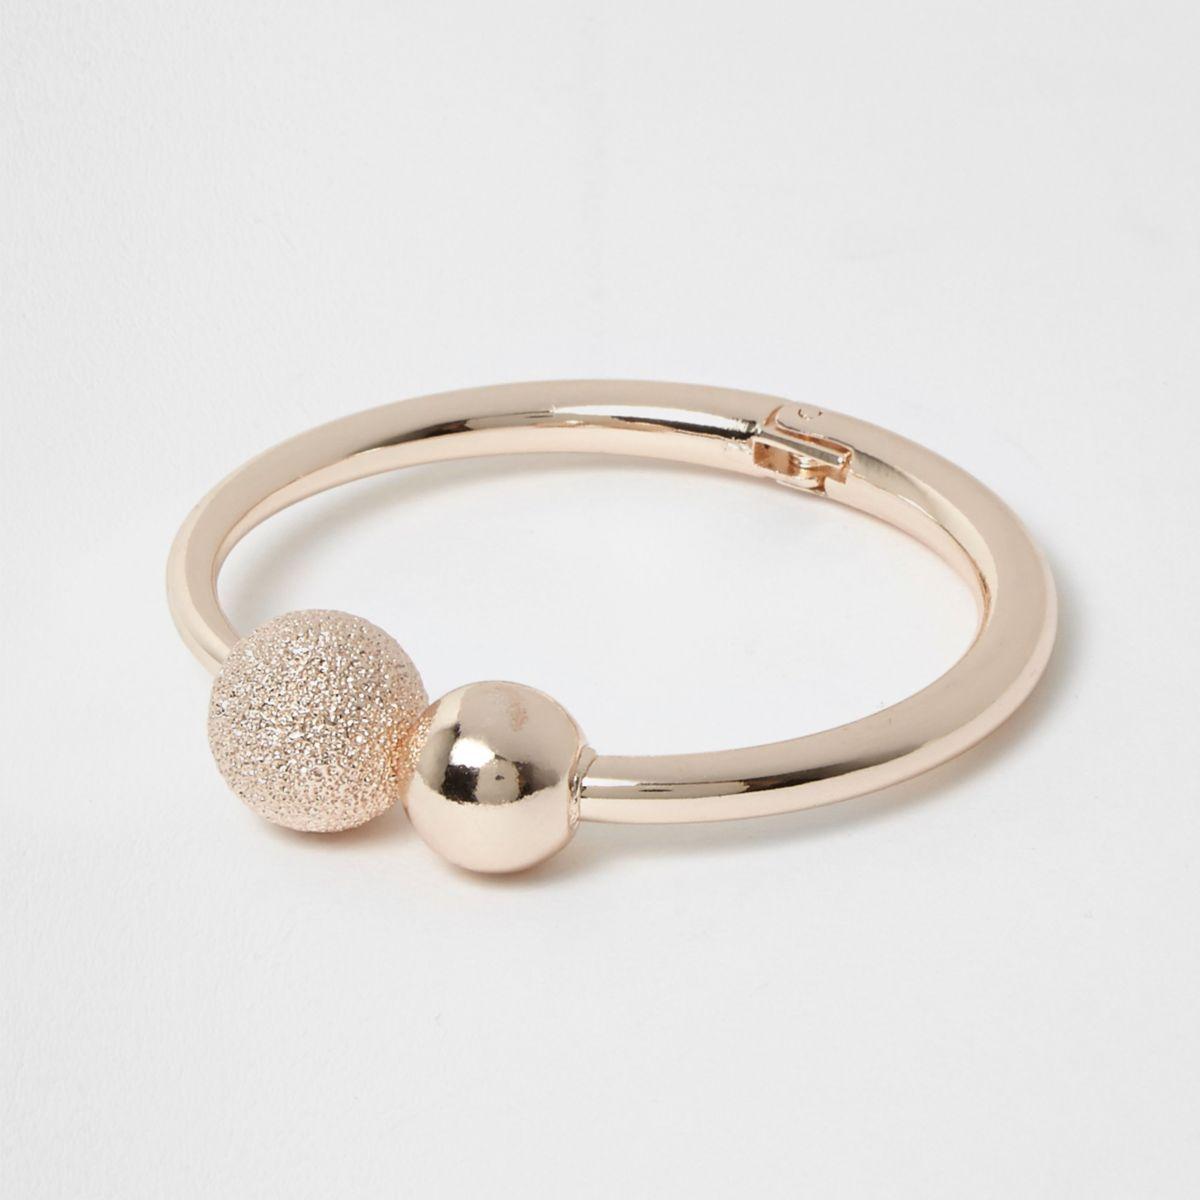 Rose gold tone rhinestone ball cuff bracelet